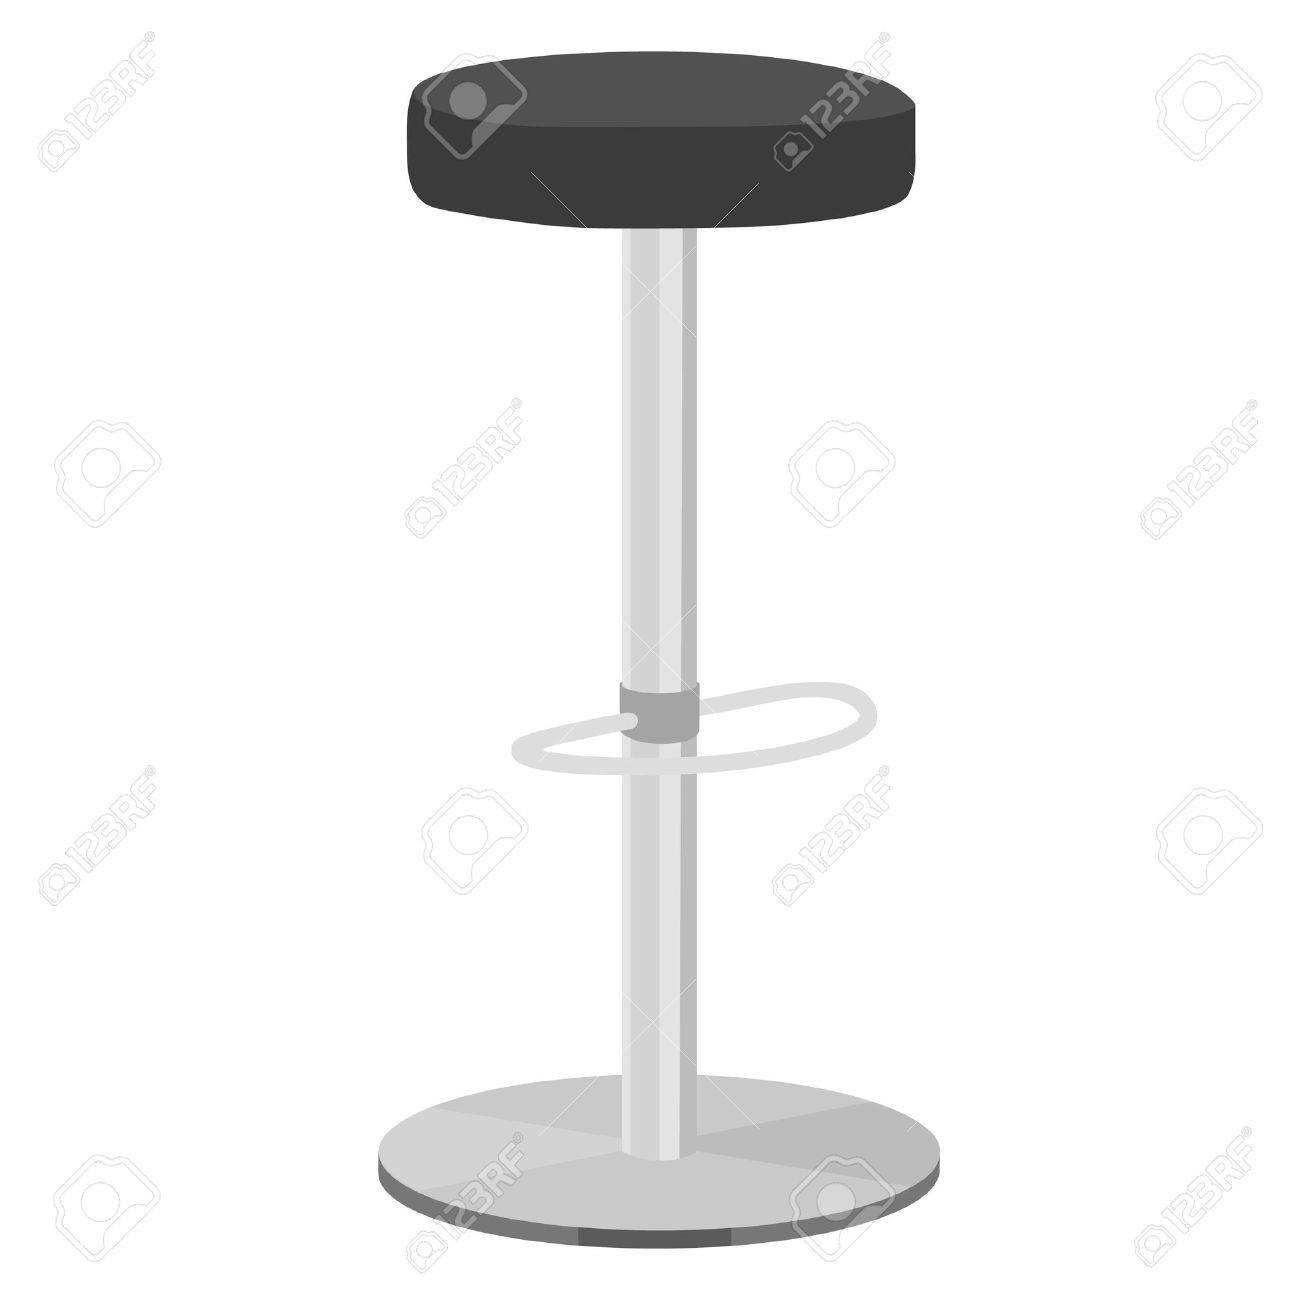 Black bar stool vector illustration. Bar chair. High chair. Bar interior design.  sc 1 st  123RF Stock Photos & Black Bar Stool Vector Illustration. Bar Chair. High Chair. Bar ... islam-shia.org